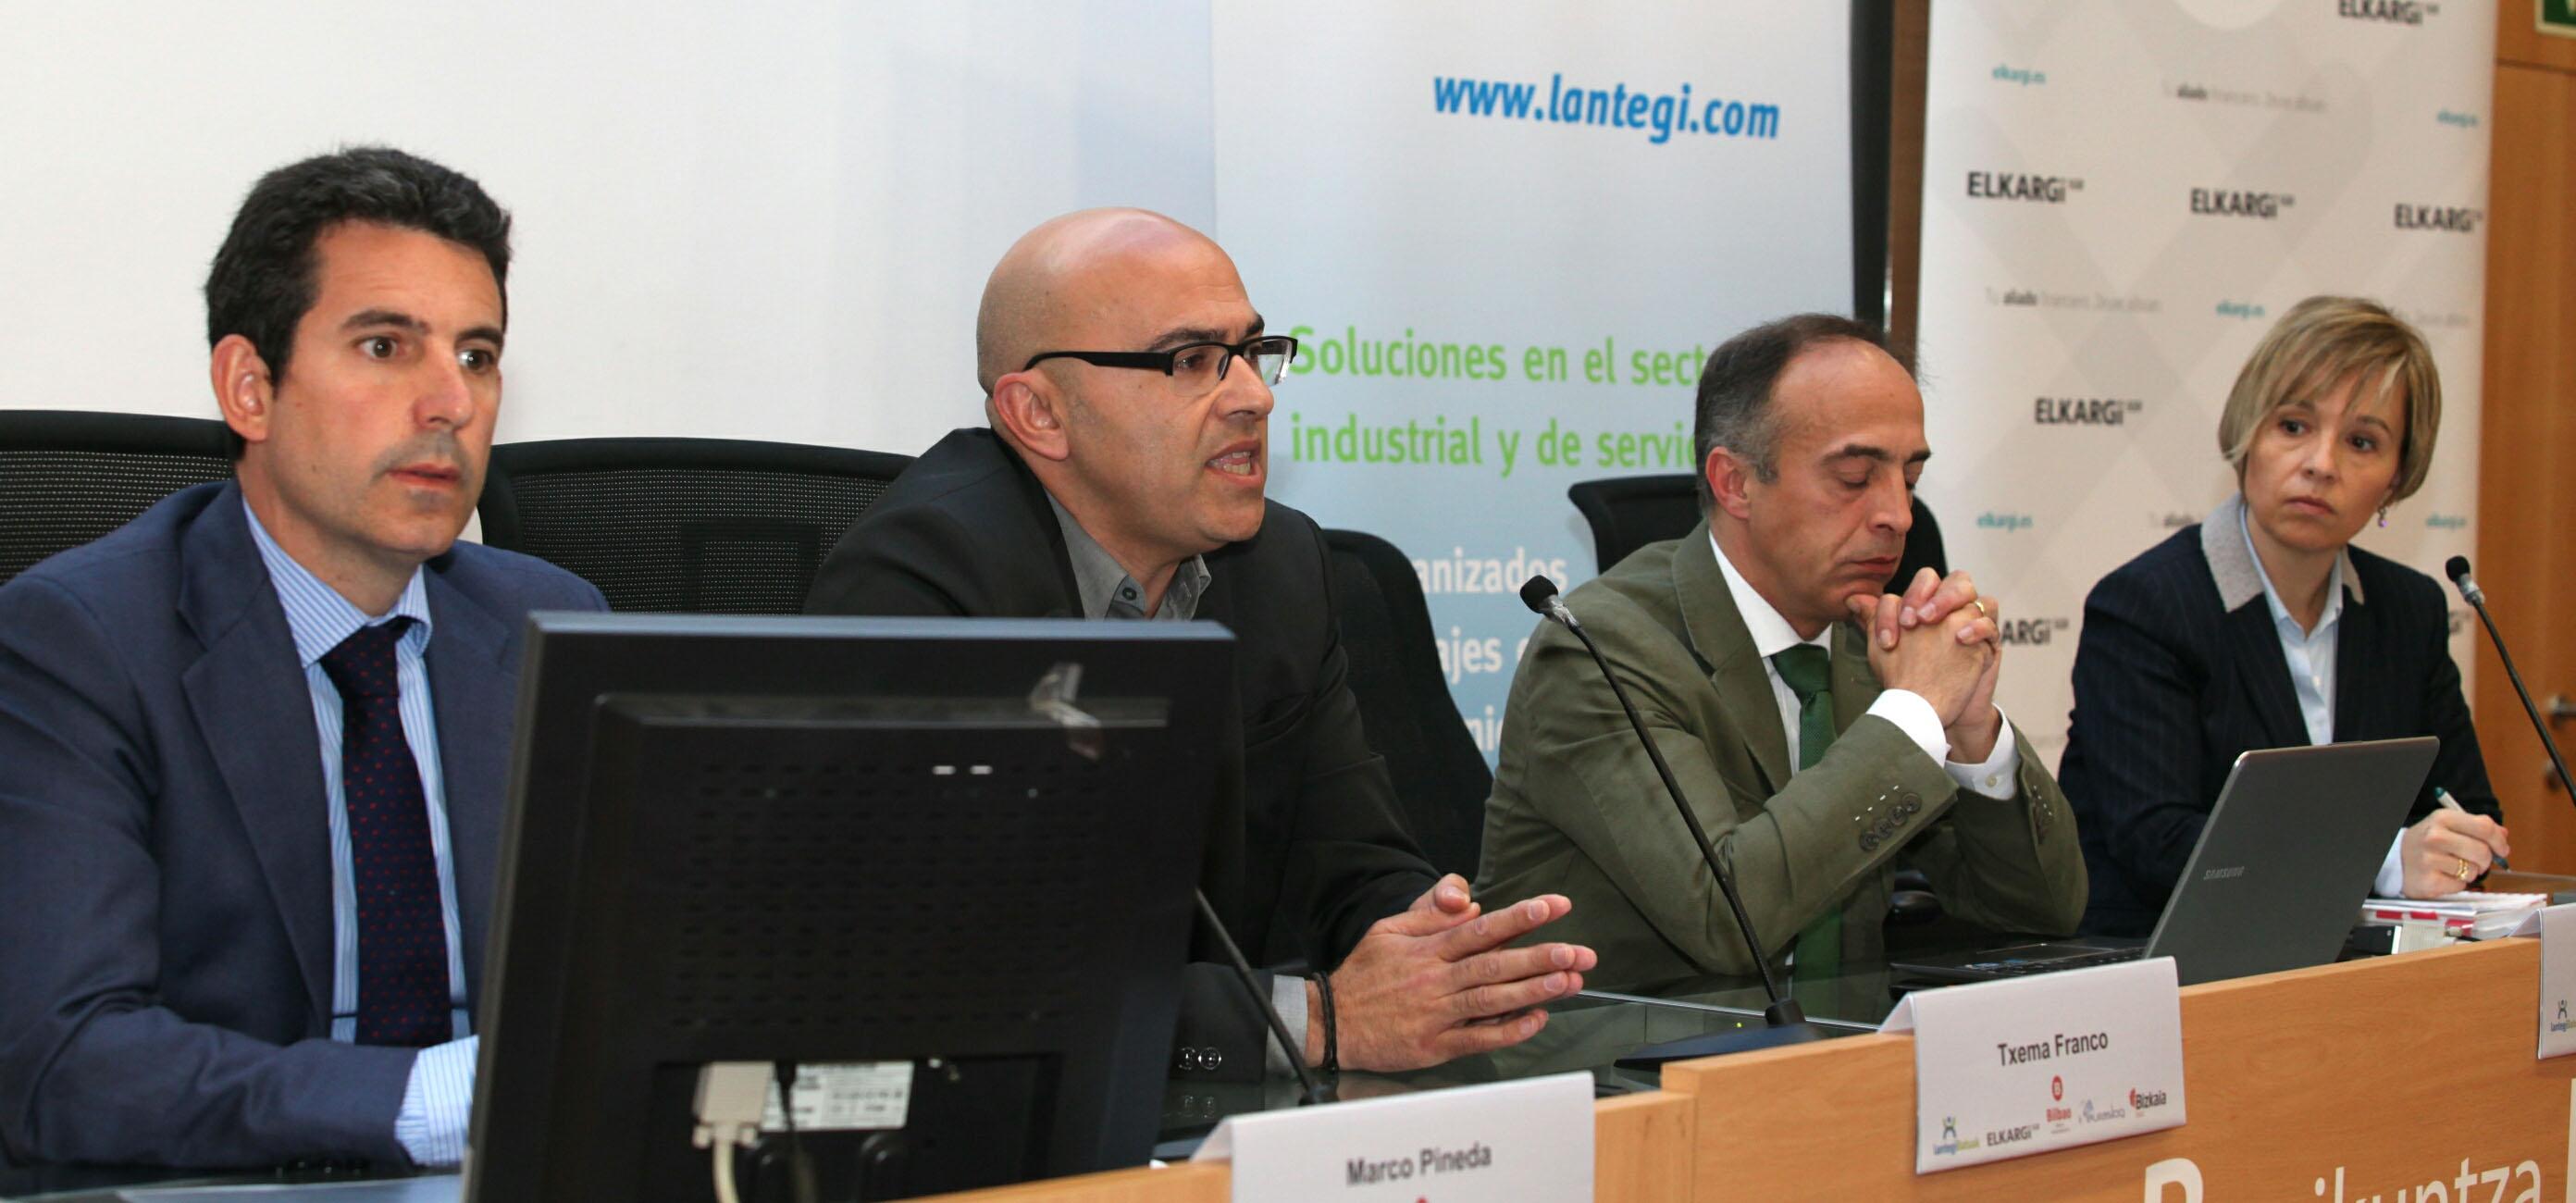 Acuerdo que favorece emprendimiento e innovación social